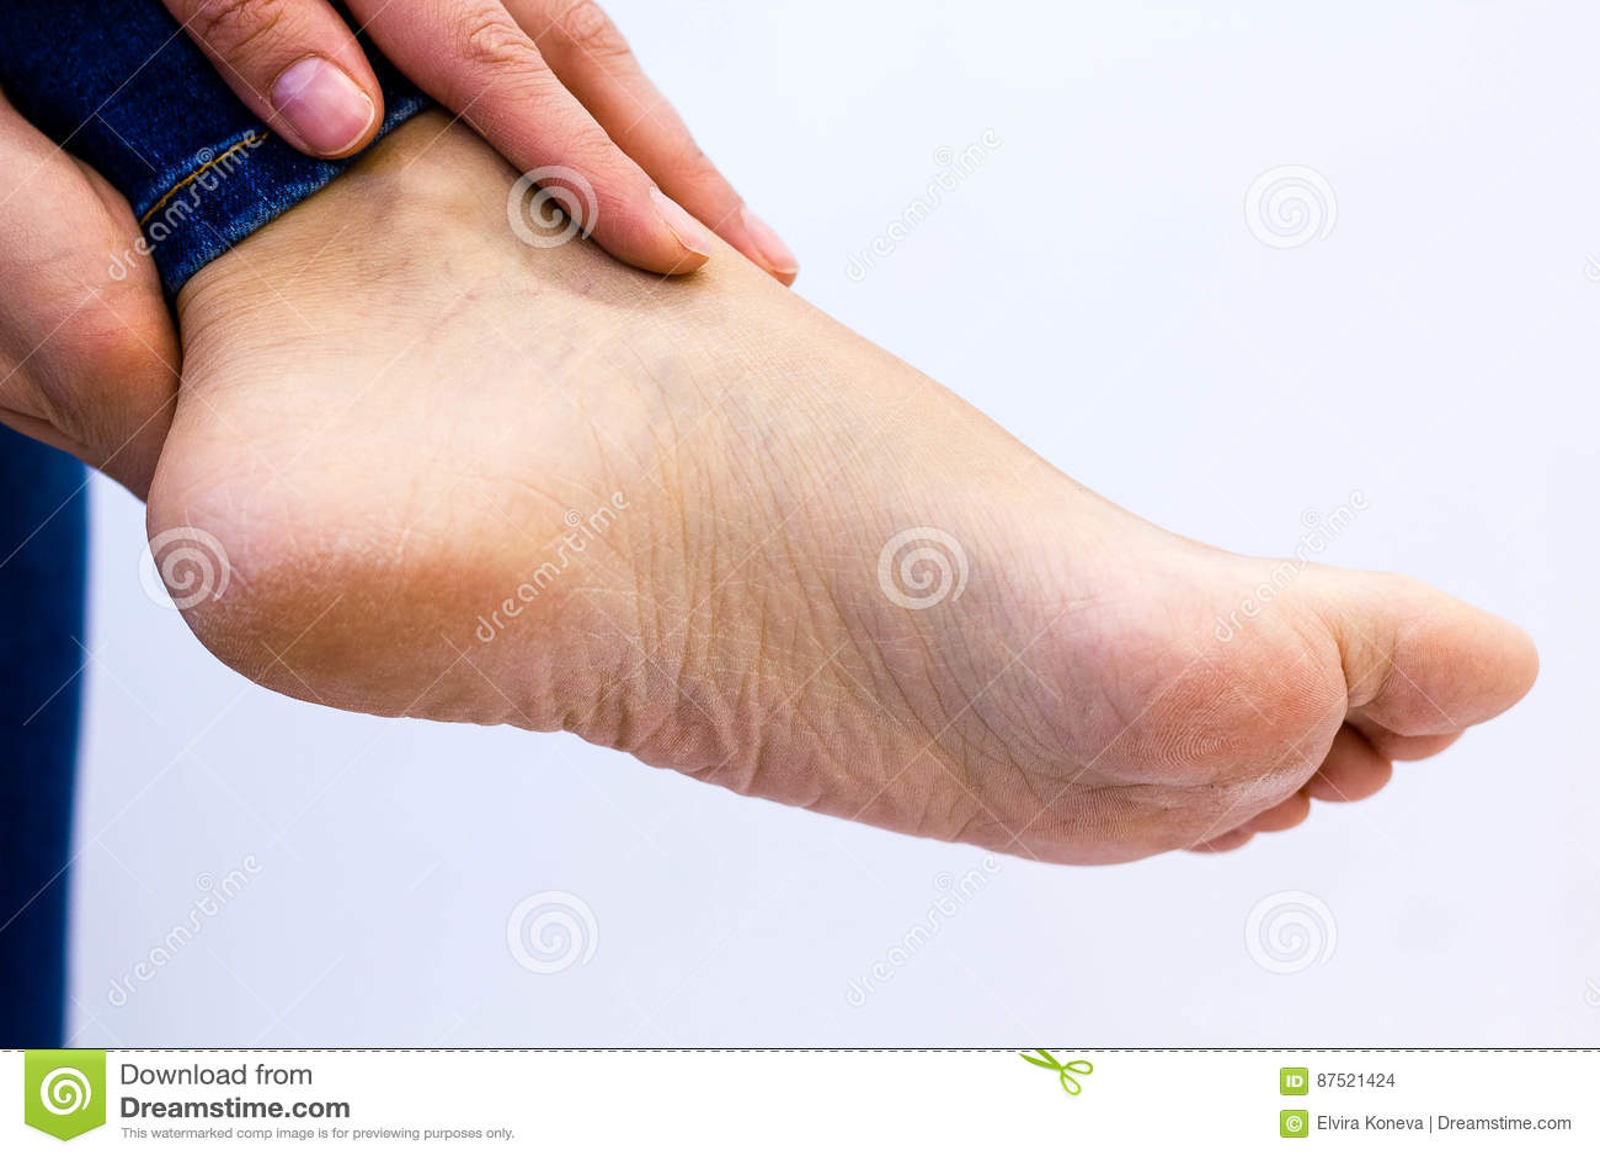 Nett Fußmassage Anatomie Galerie - Anatomie Von Menschlichen ...